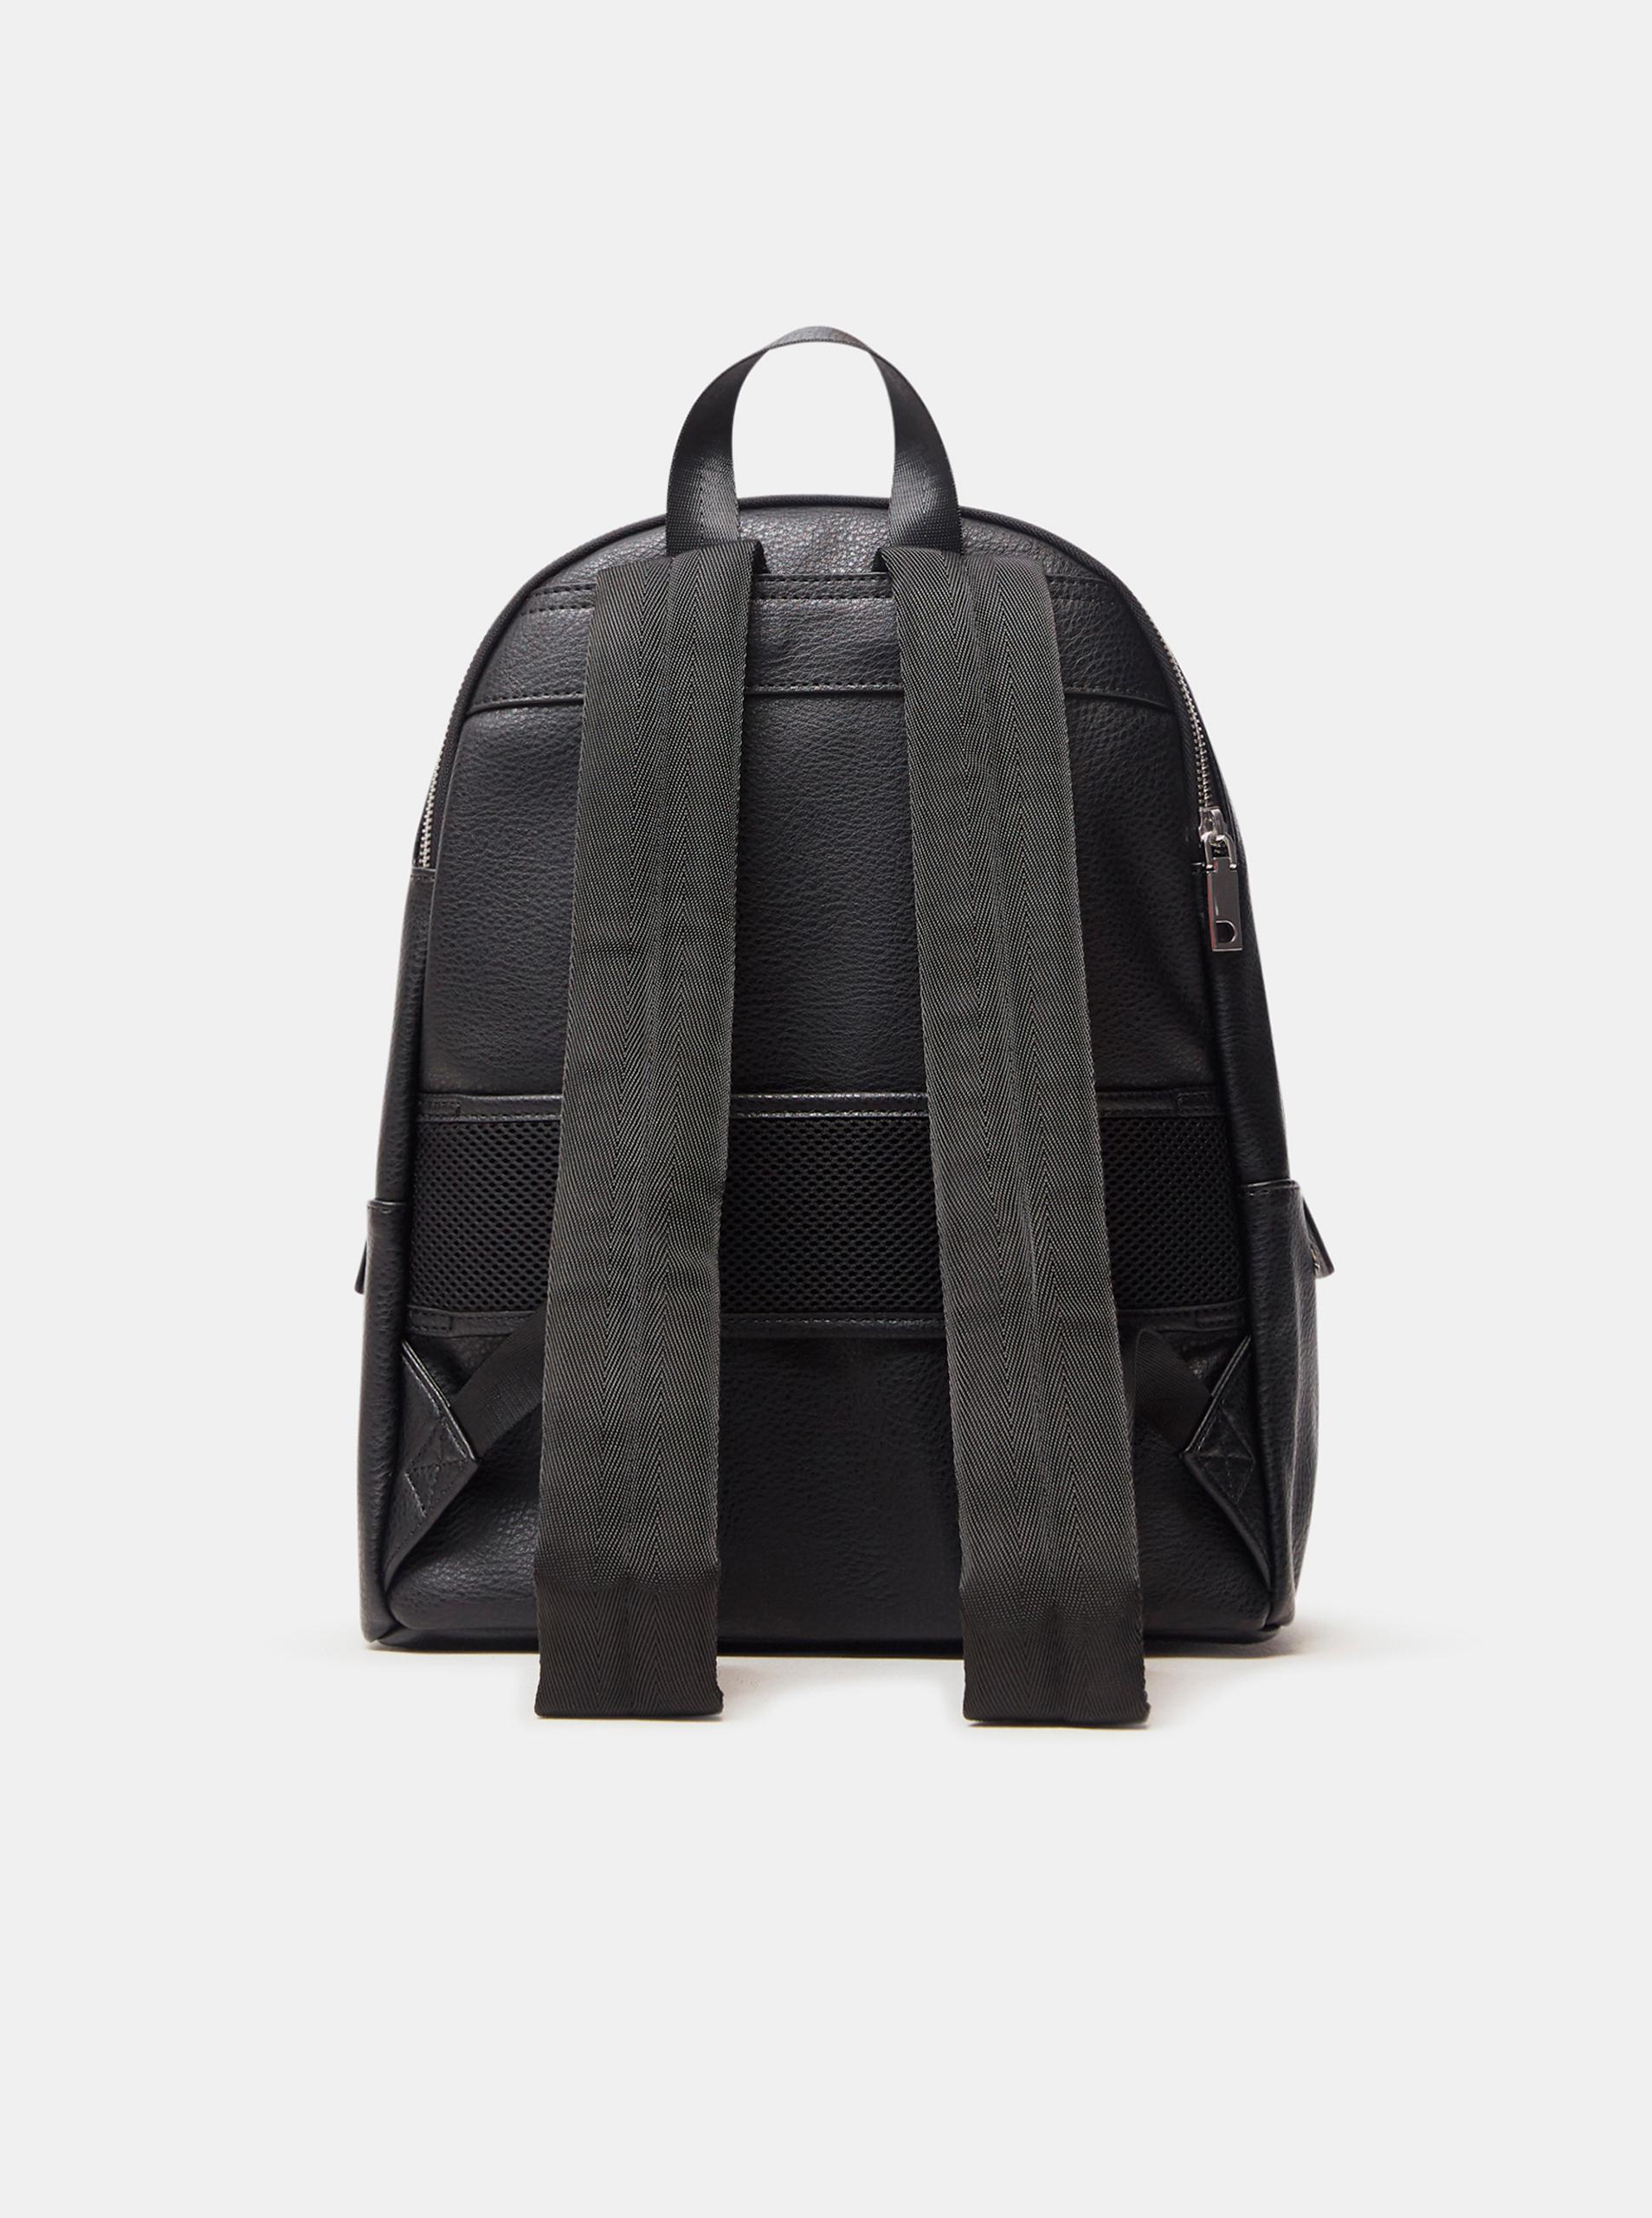 Černý dámský batoh s motivem Desigual Mickey Mombasa 2zippers